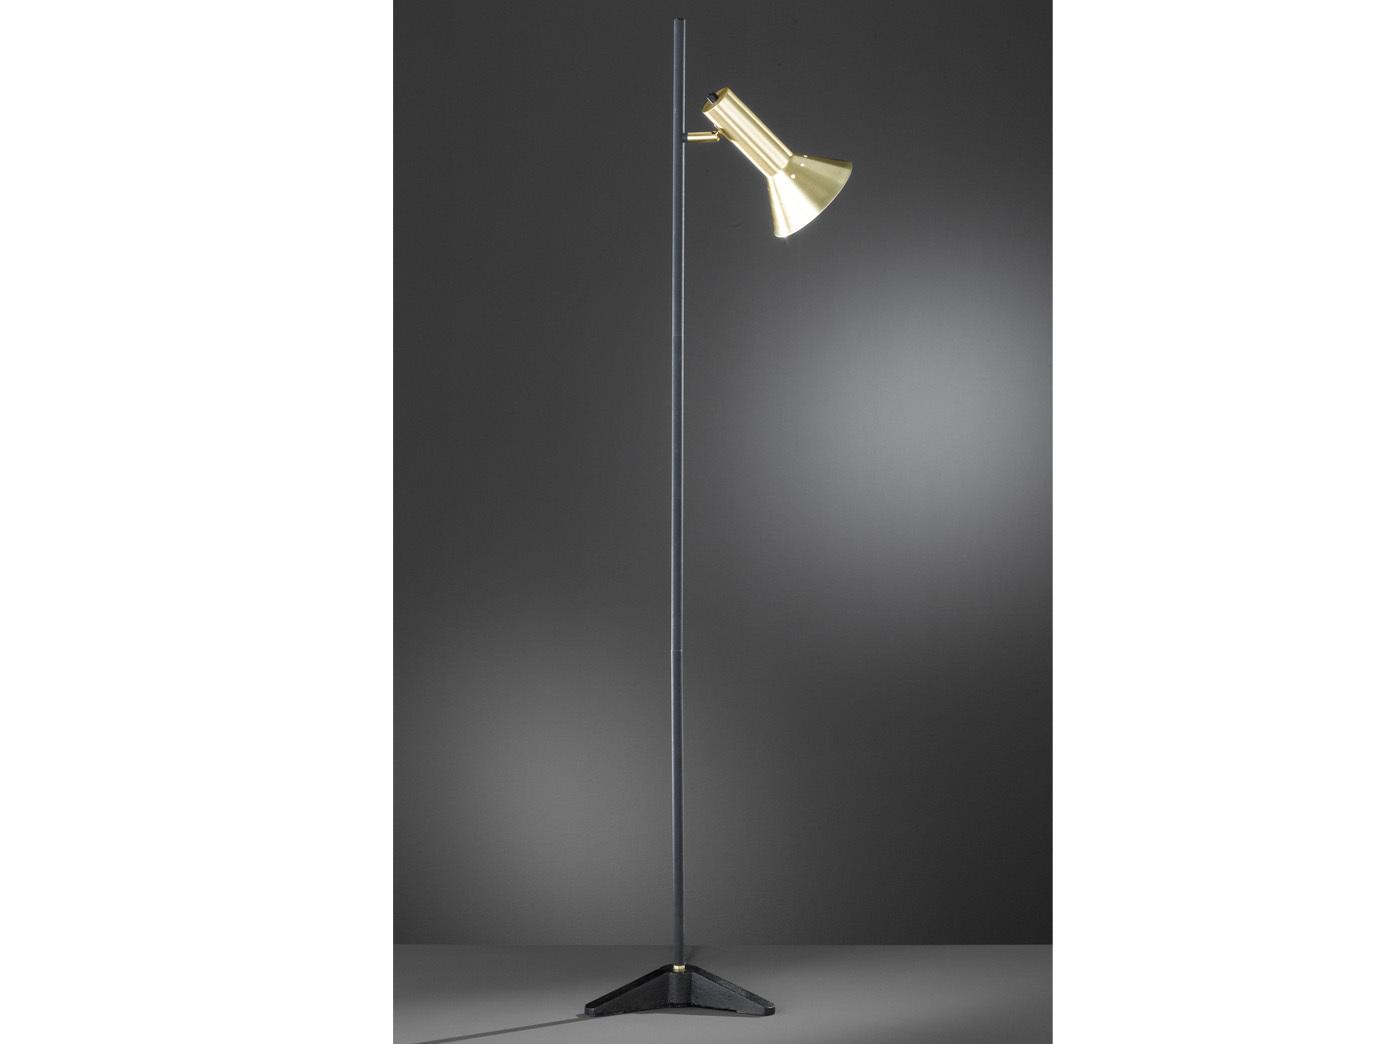 Retro Stehlampe Lampenschirm Schwenkbar Schwarz Gold Leseleuchte Schlafzimmer Kaufen Bei Setpoint Deutschland Gmbh